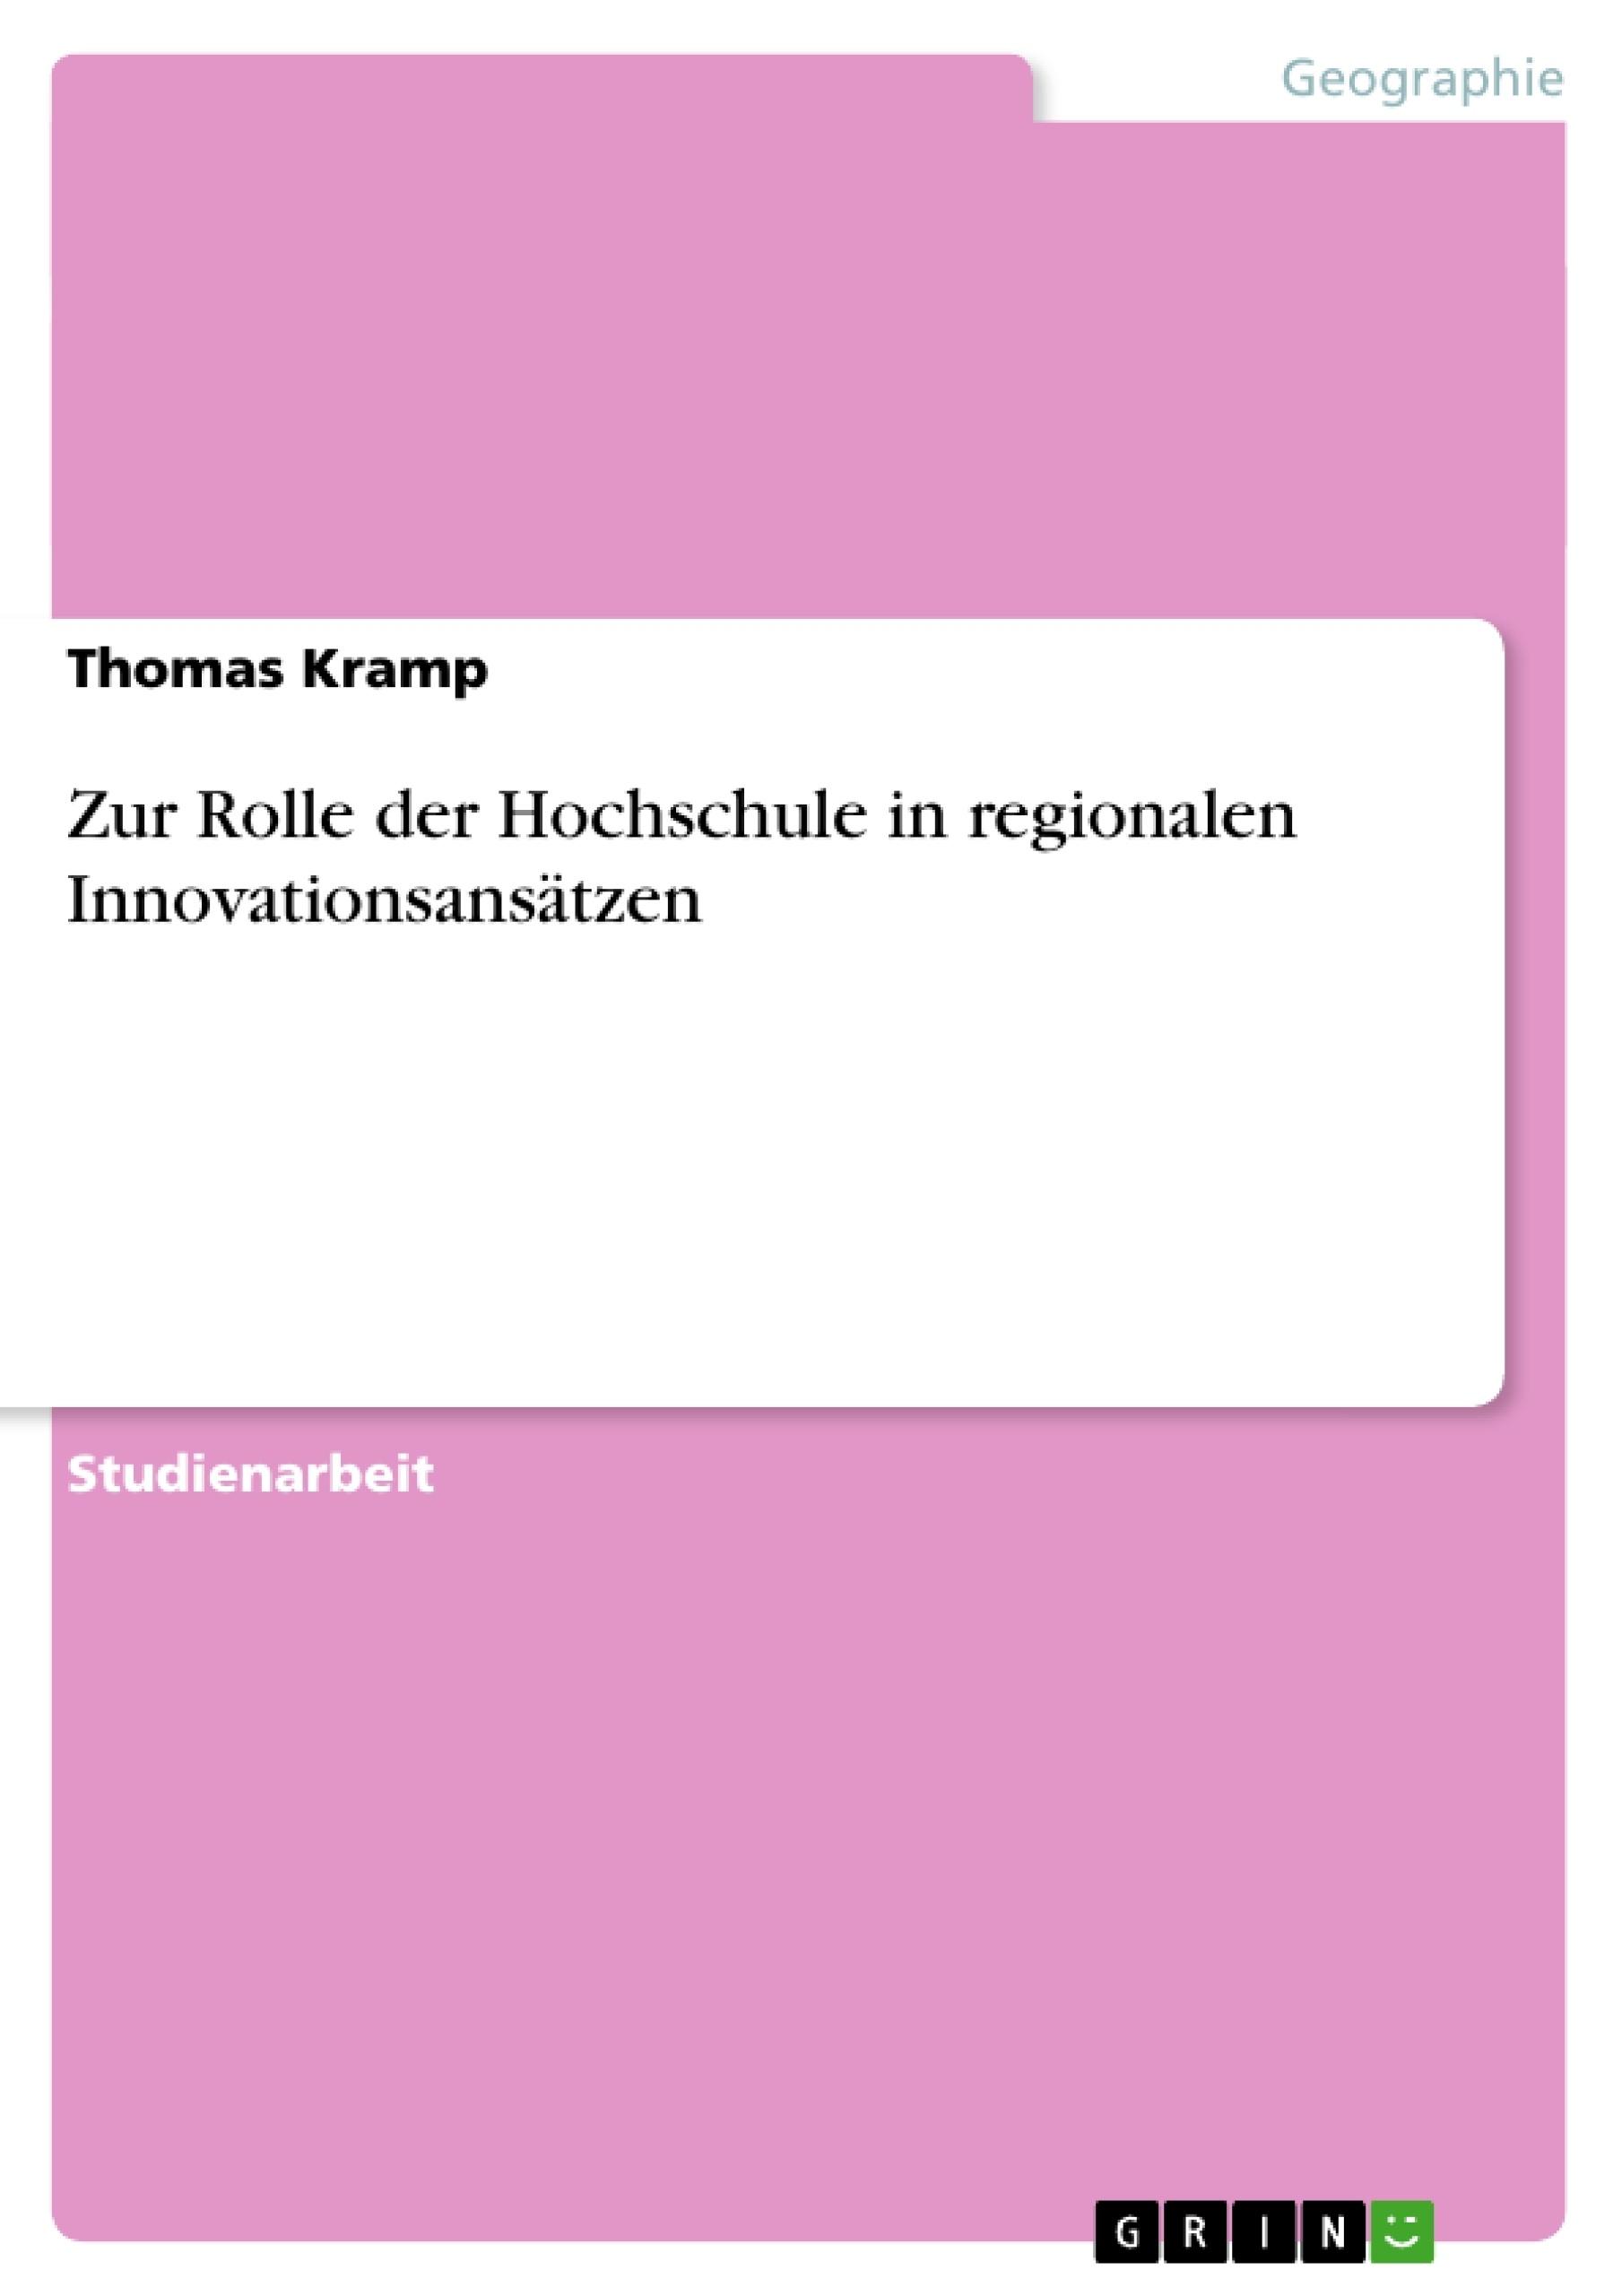 Titel: Zur Rolle der Hochschule in regionalen Innovationsansätzen